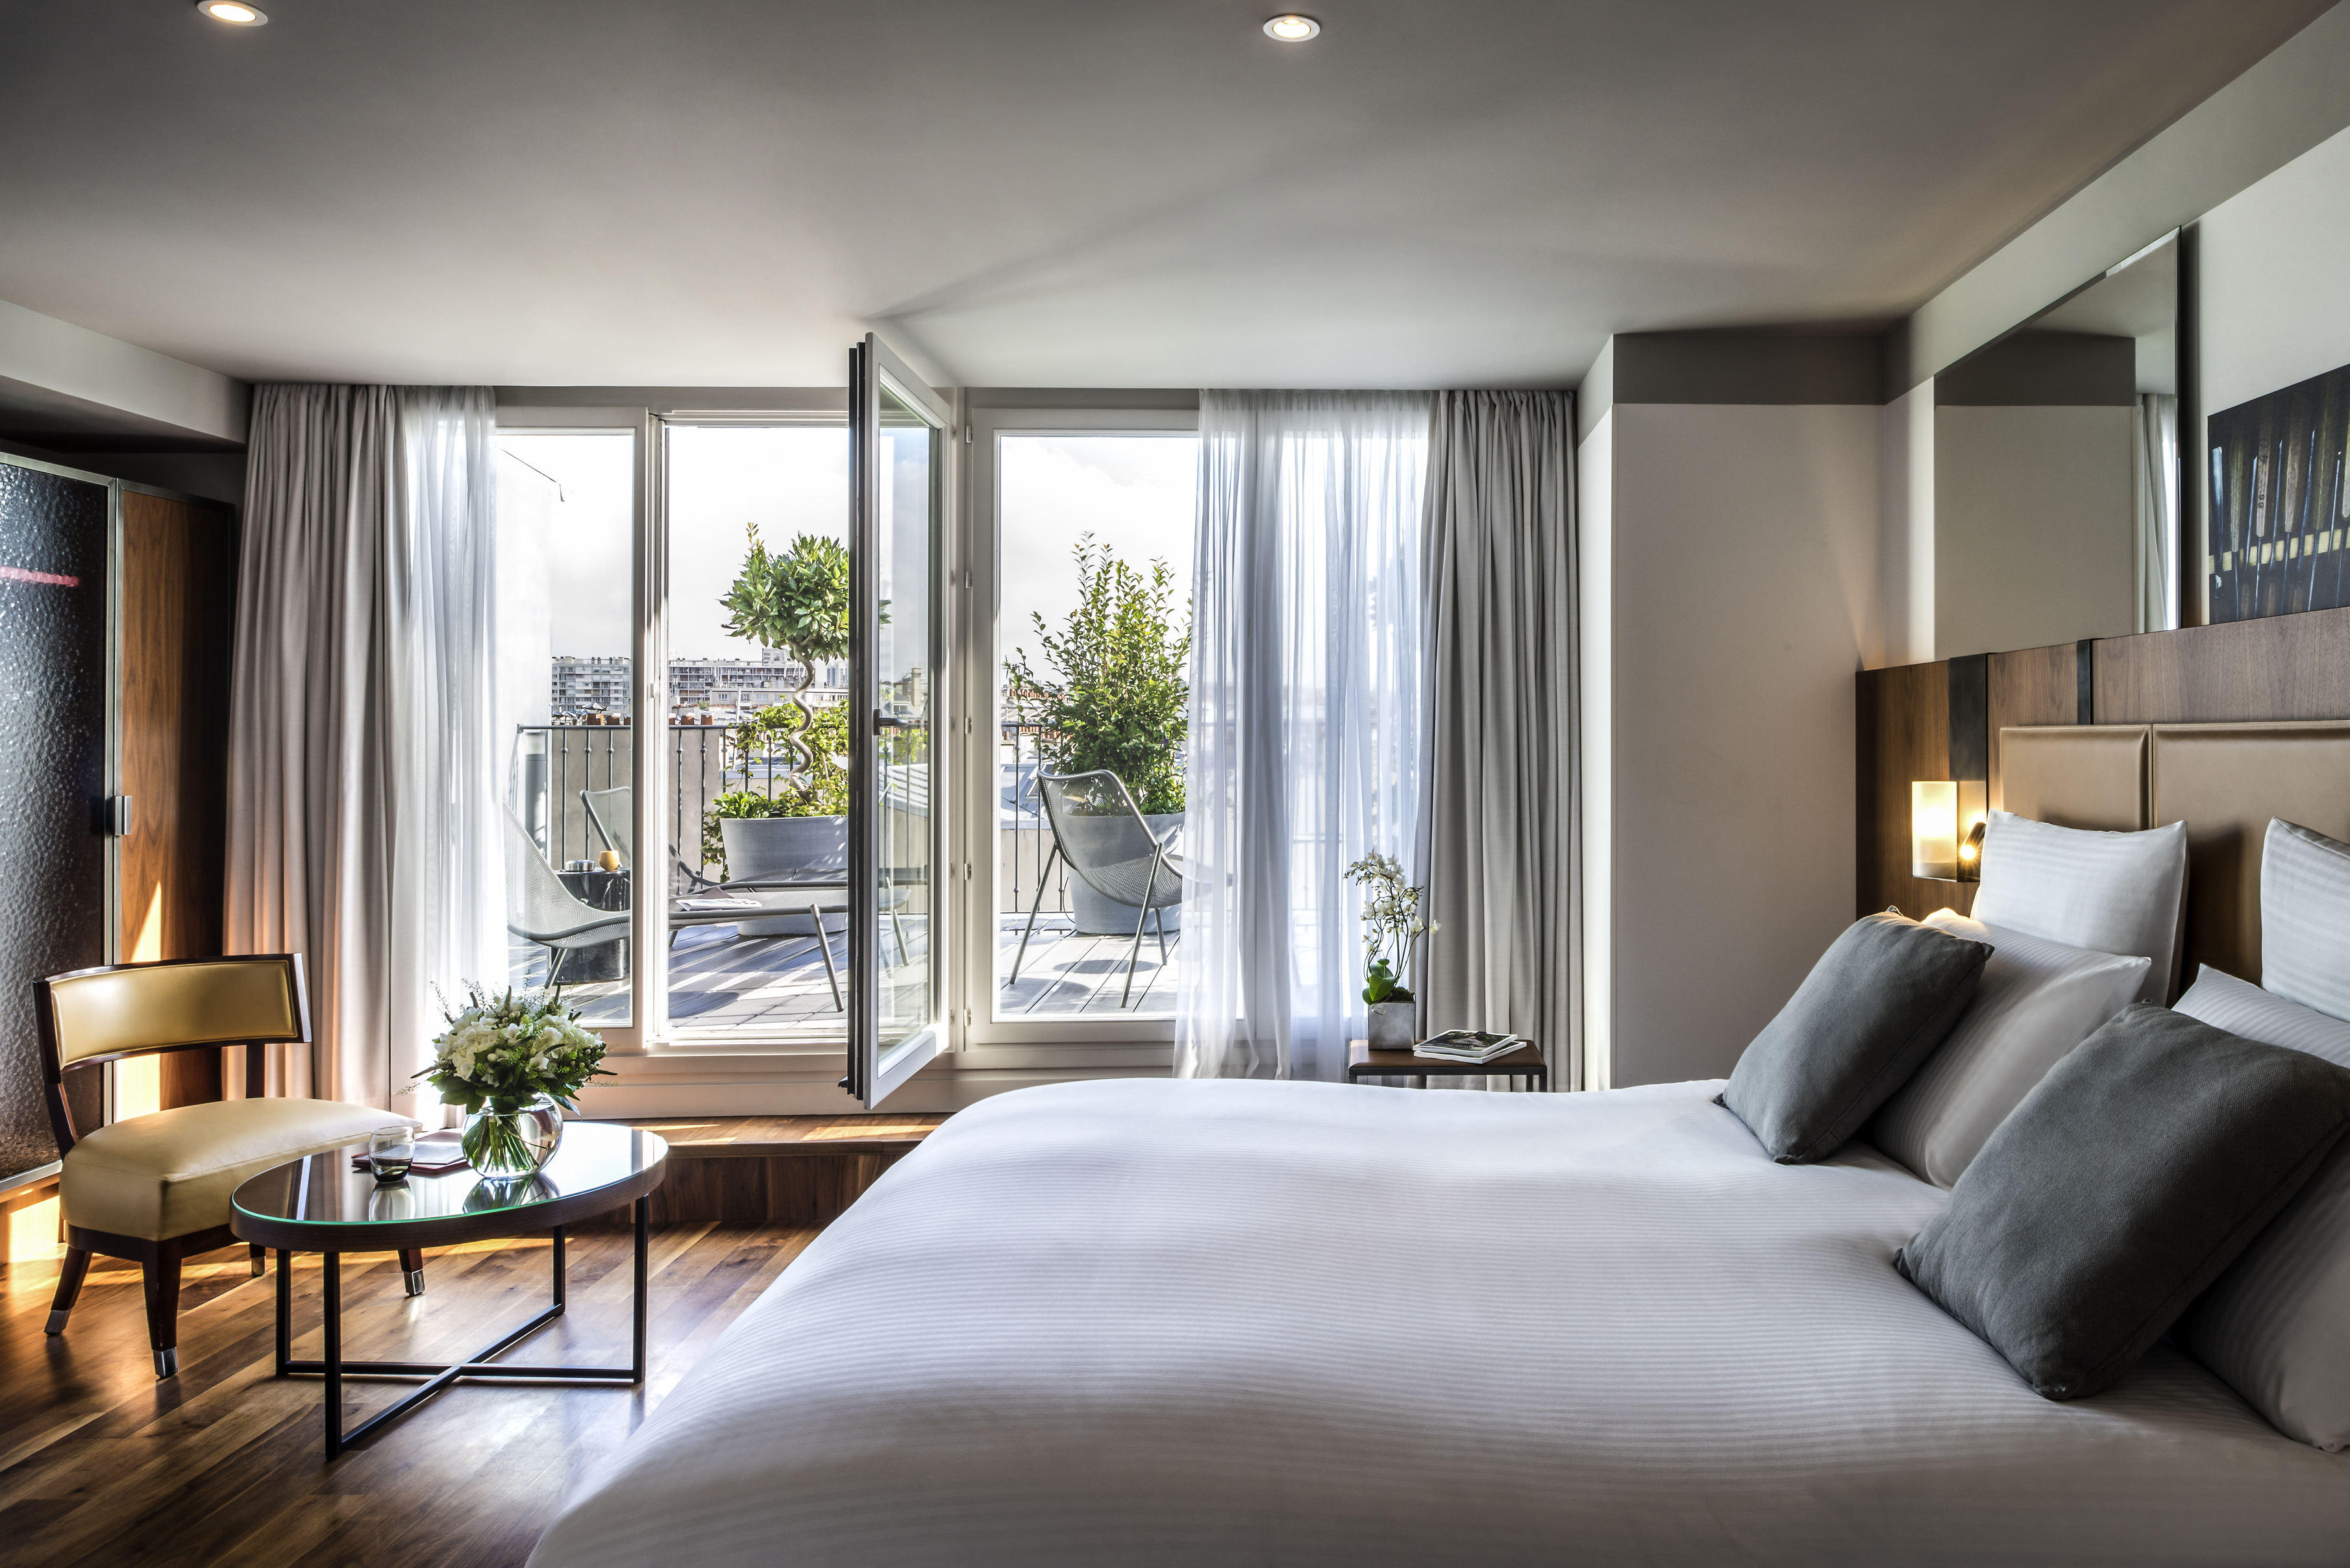 la-boite-d-allumettes-hotel-boutique-boutet-mgallery-sofitel-chambre